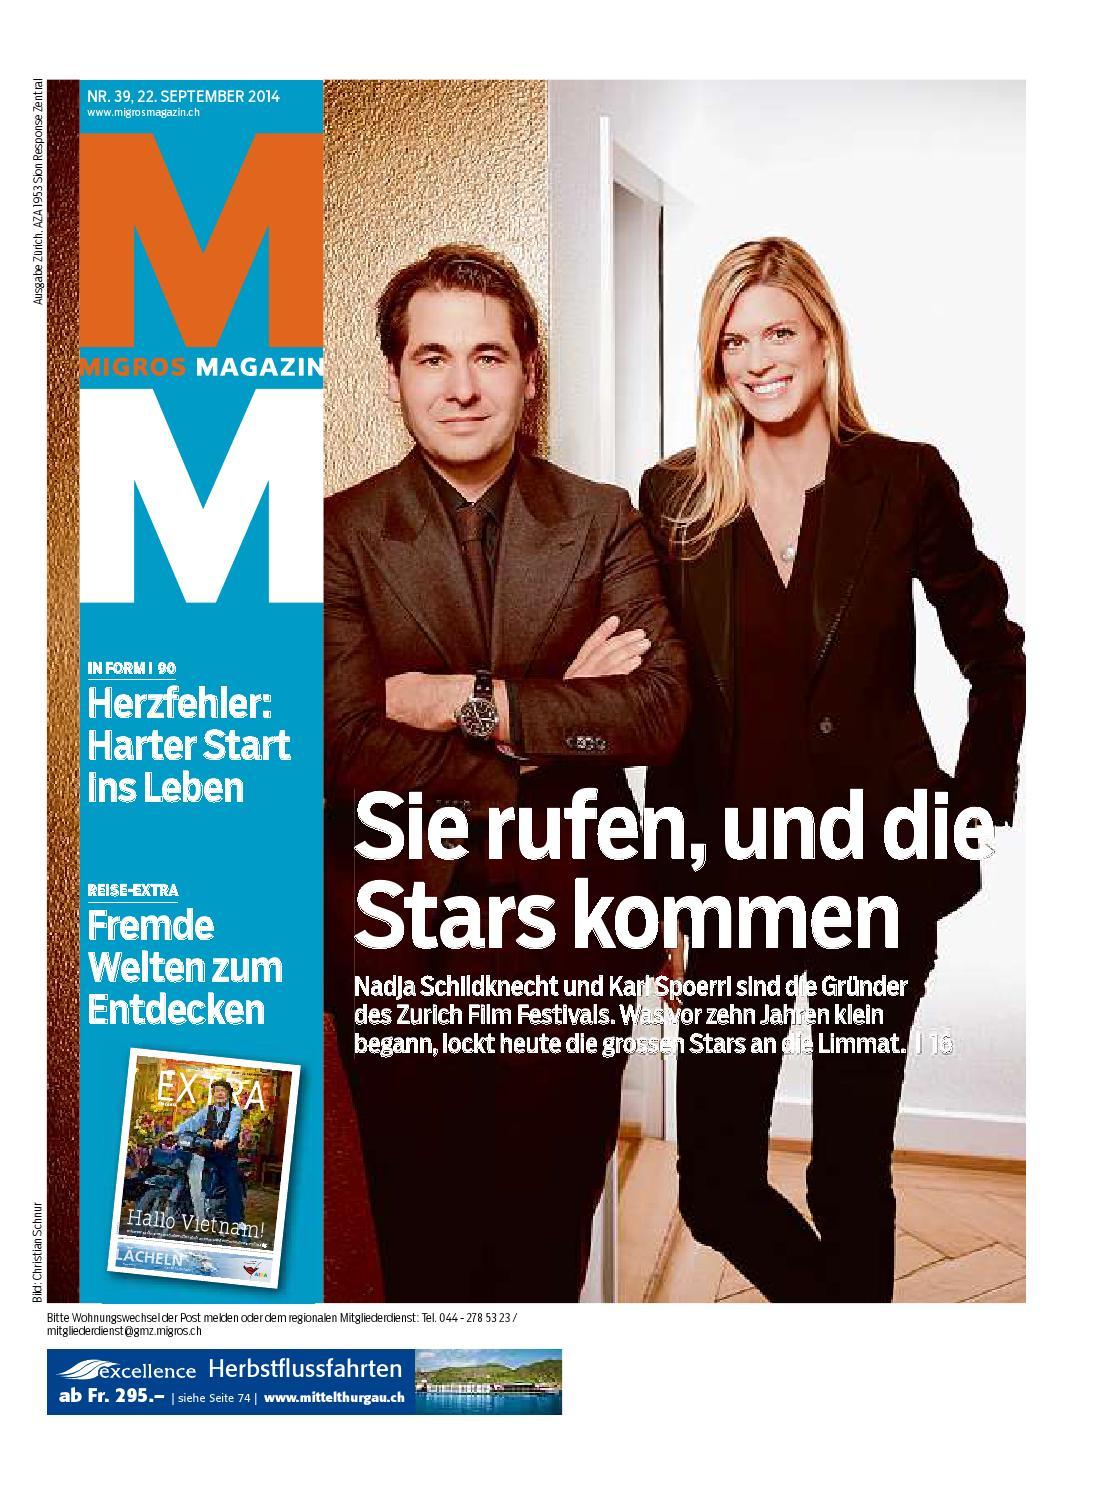 Migros magazin 39 2014 d zh by Migros-Genossenschafts-Bund - issuu